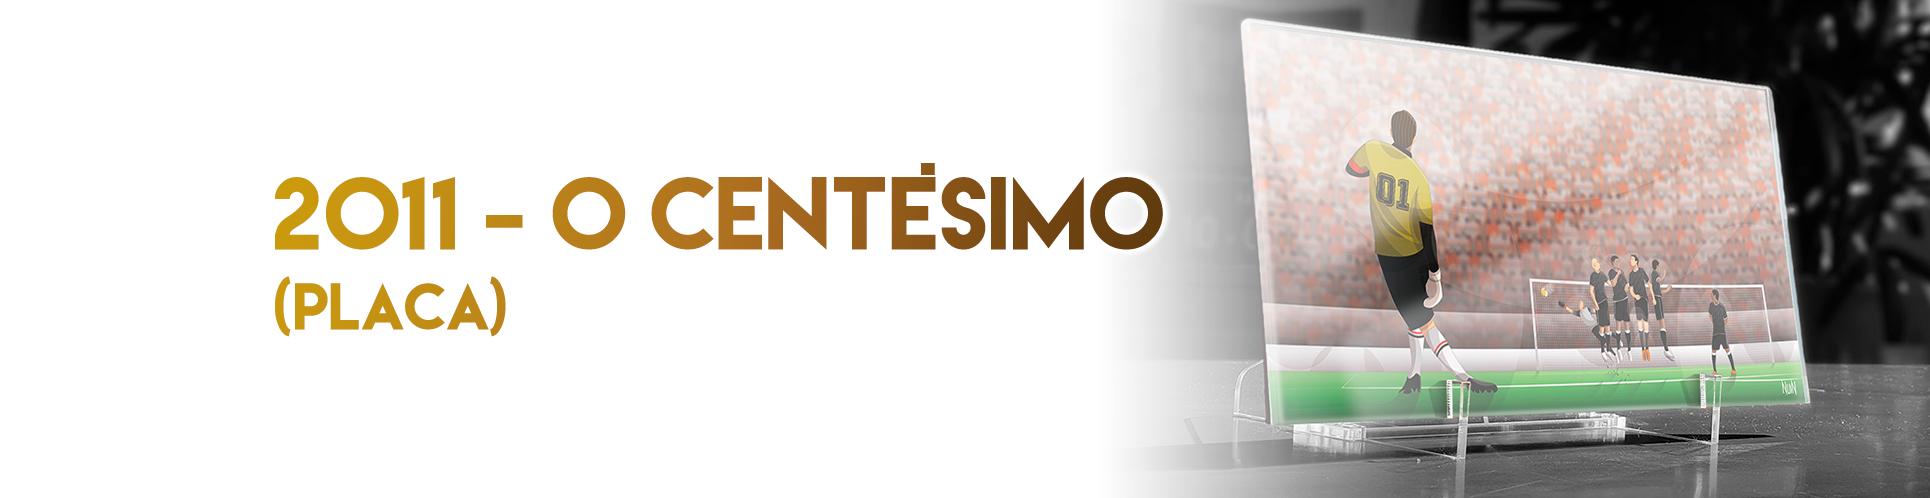 2011 - O Centésimo (PLACA)